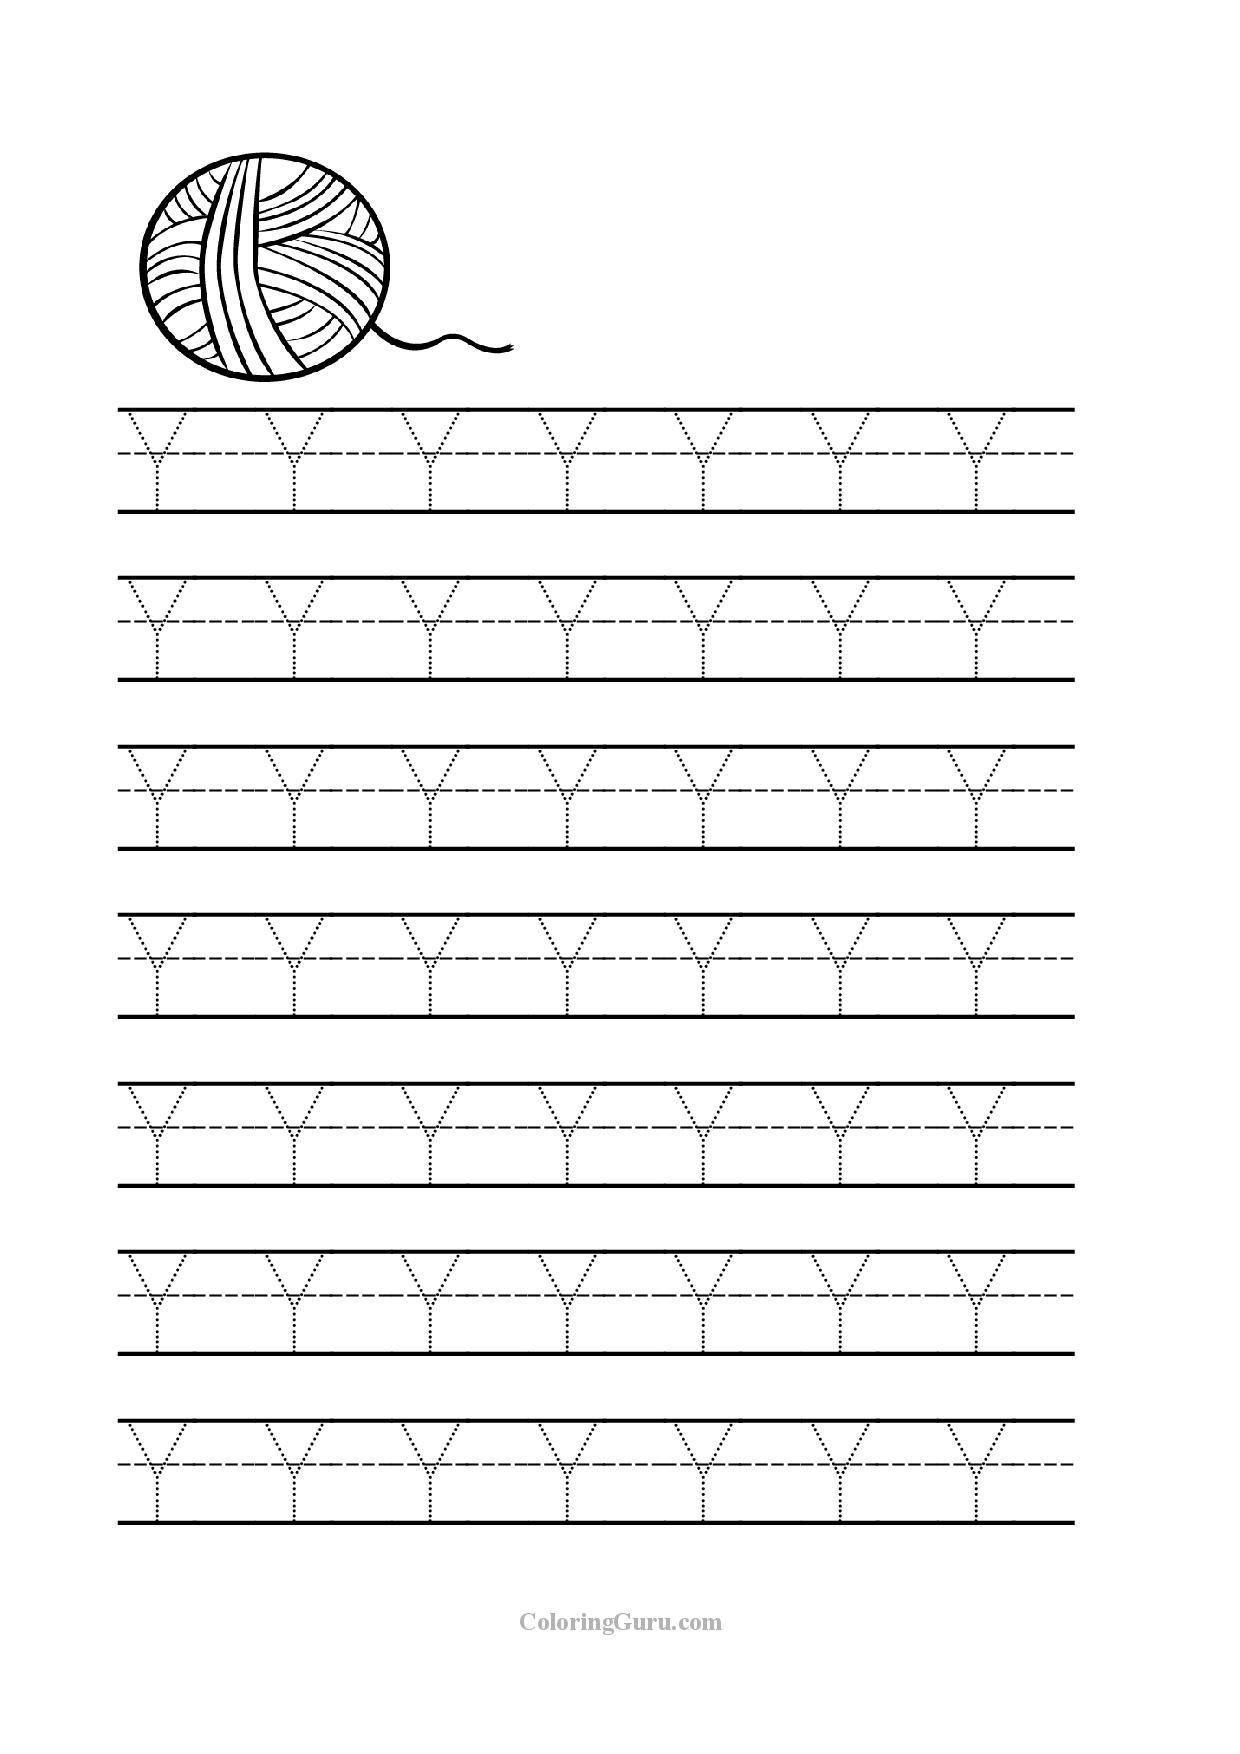 Free Printable Tracing Letter Y Worksheets For Preschool Preschool